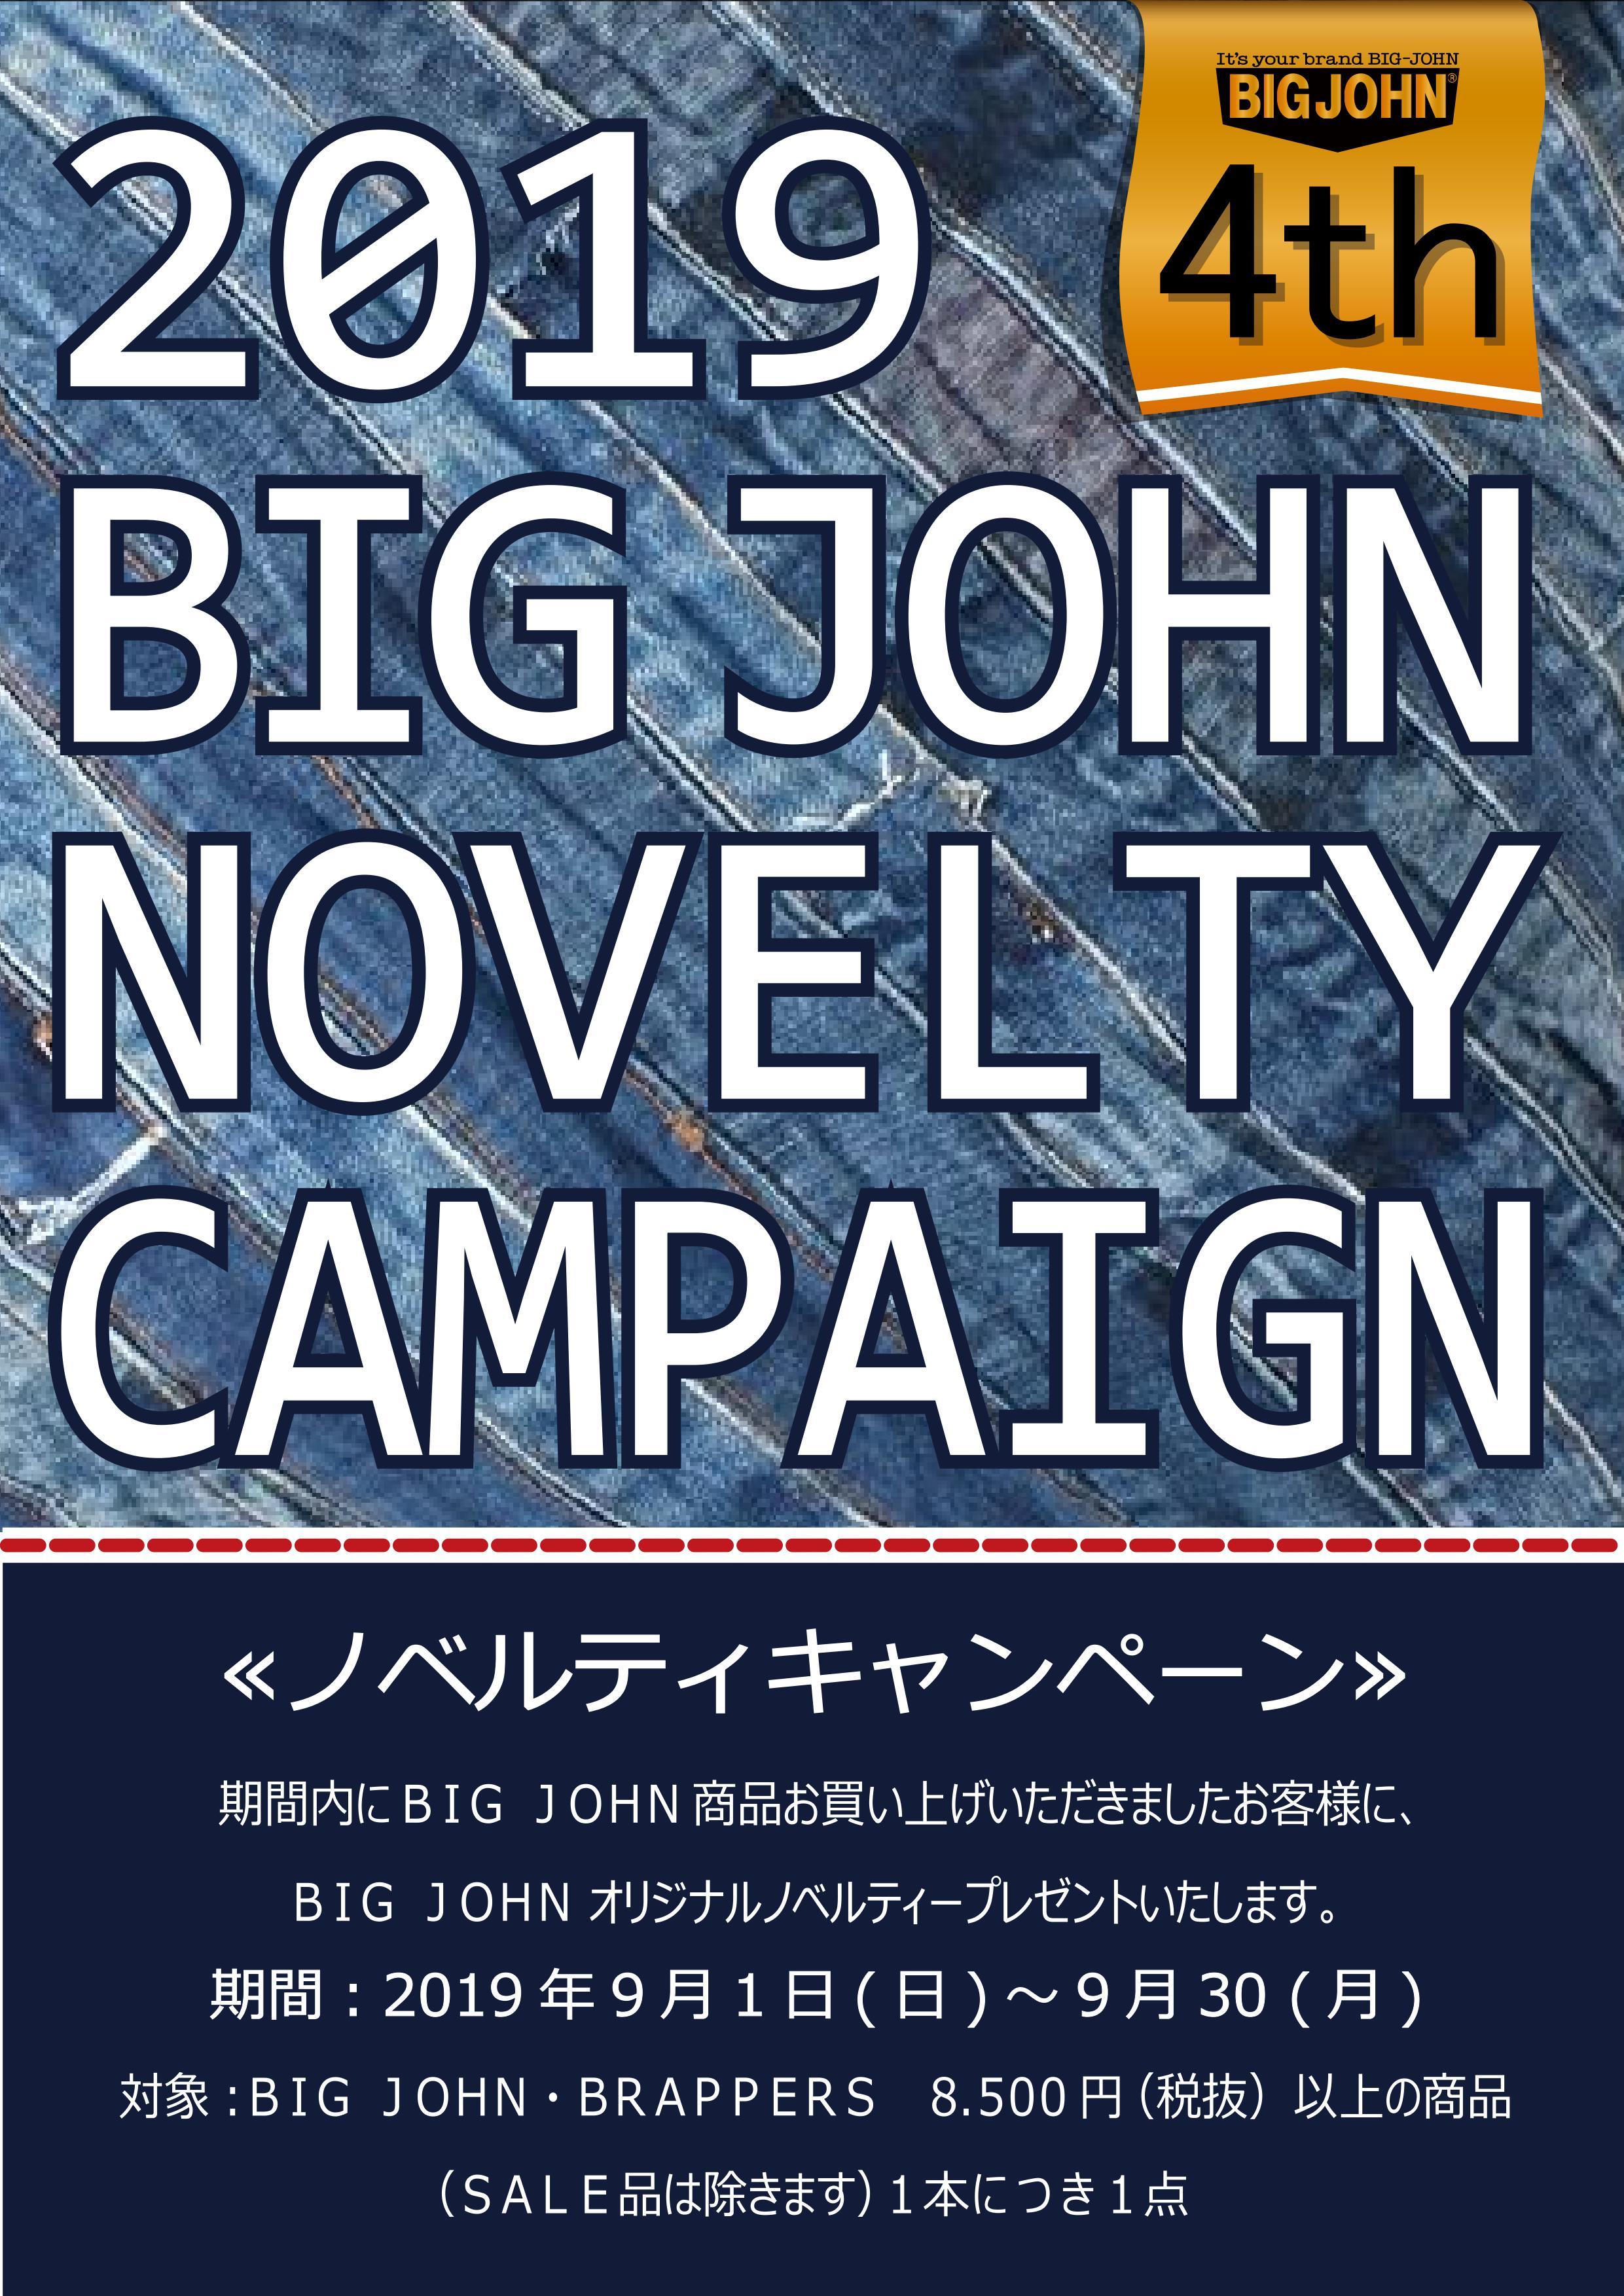 福山ビッグアメリカンショップ BIG JOHN(ビッグジョン)ノベルティーキャンペーン